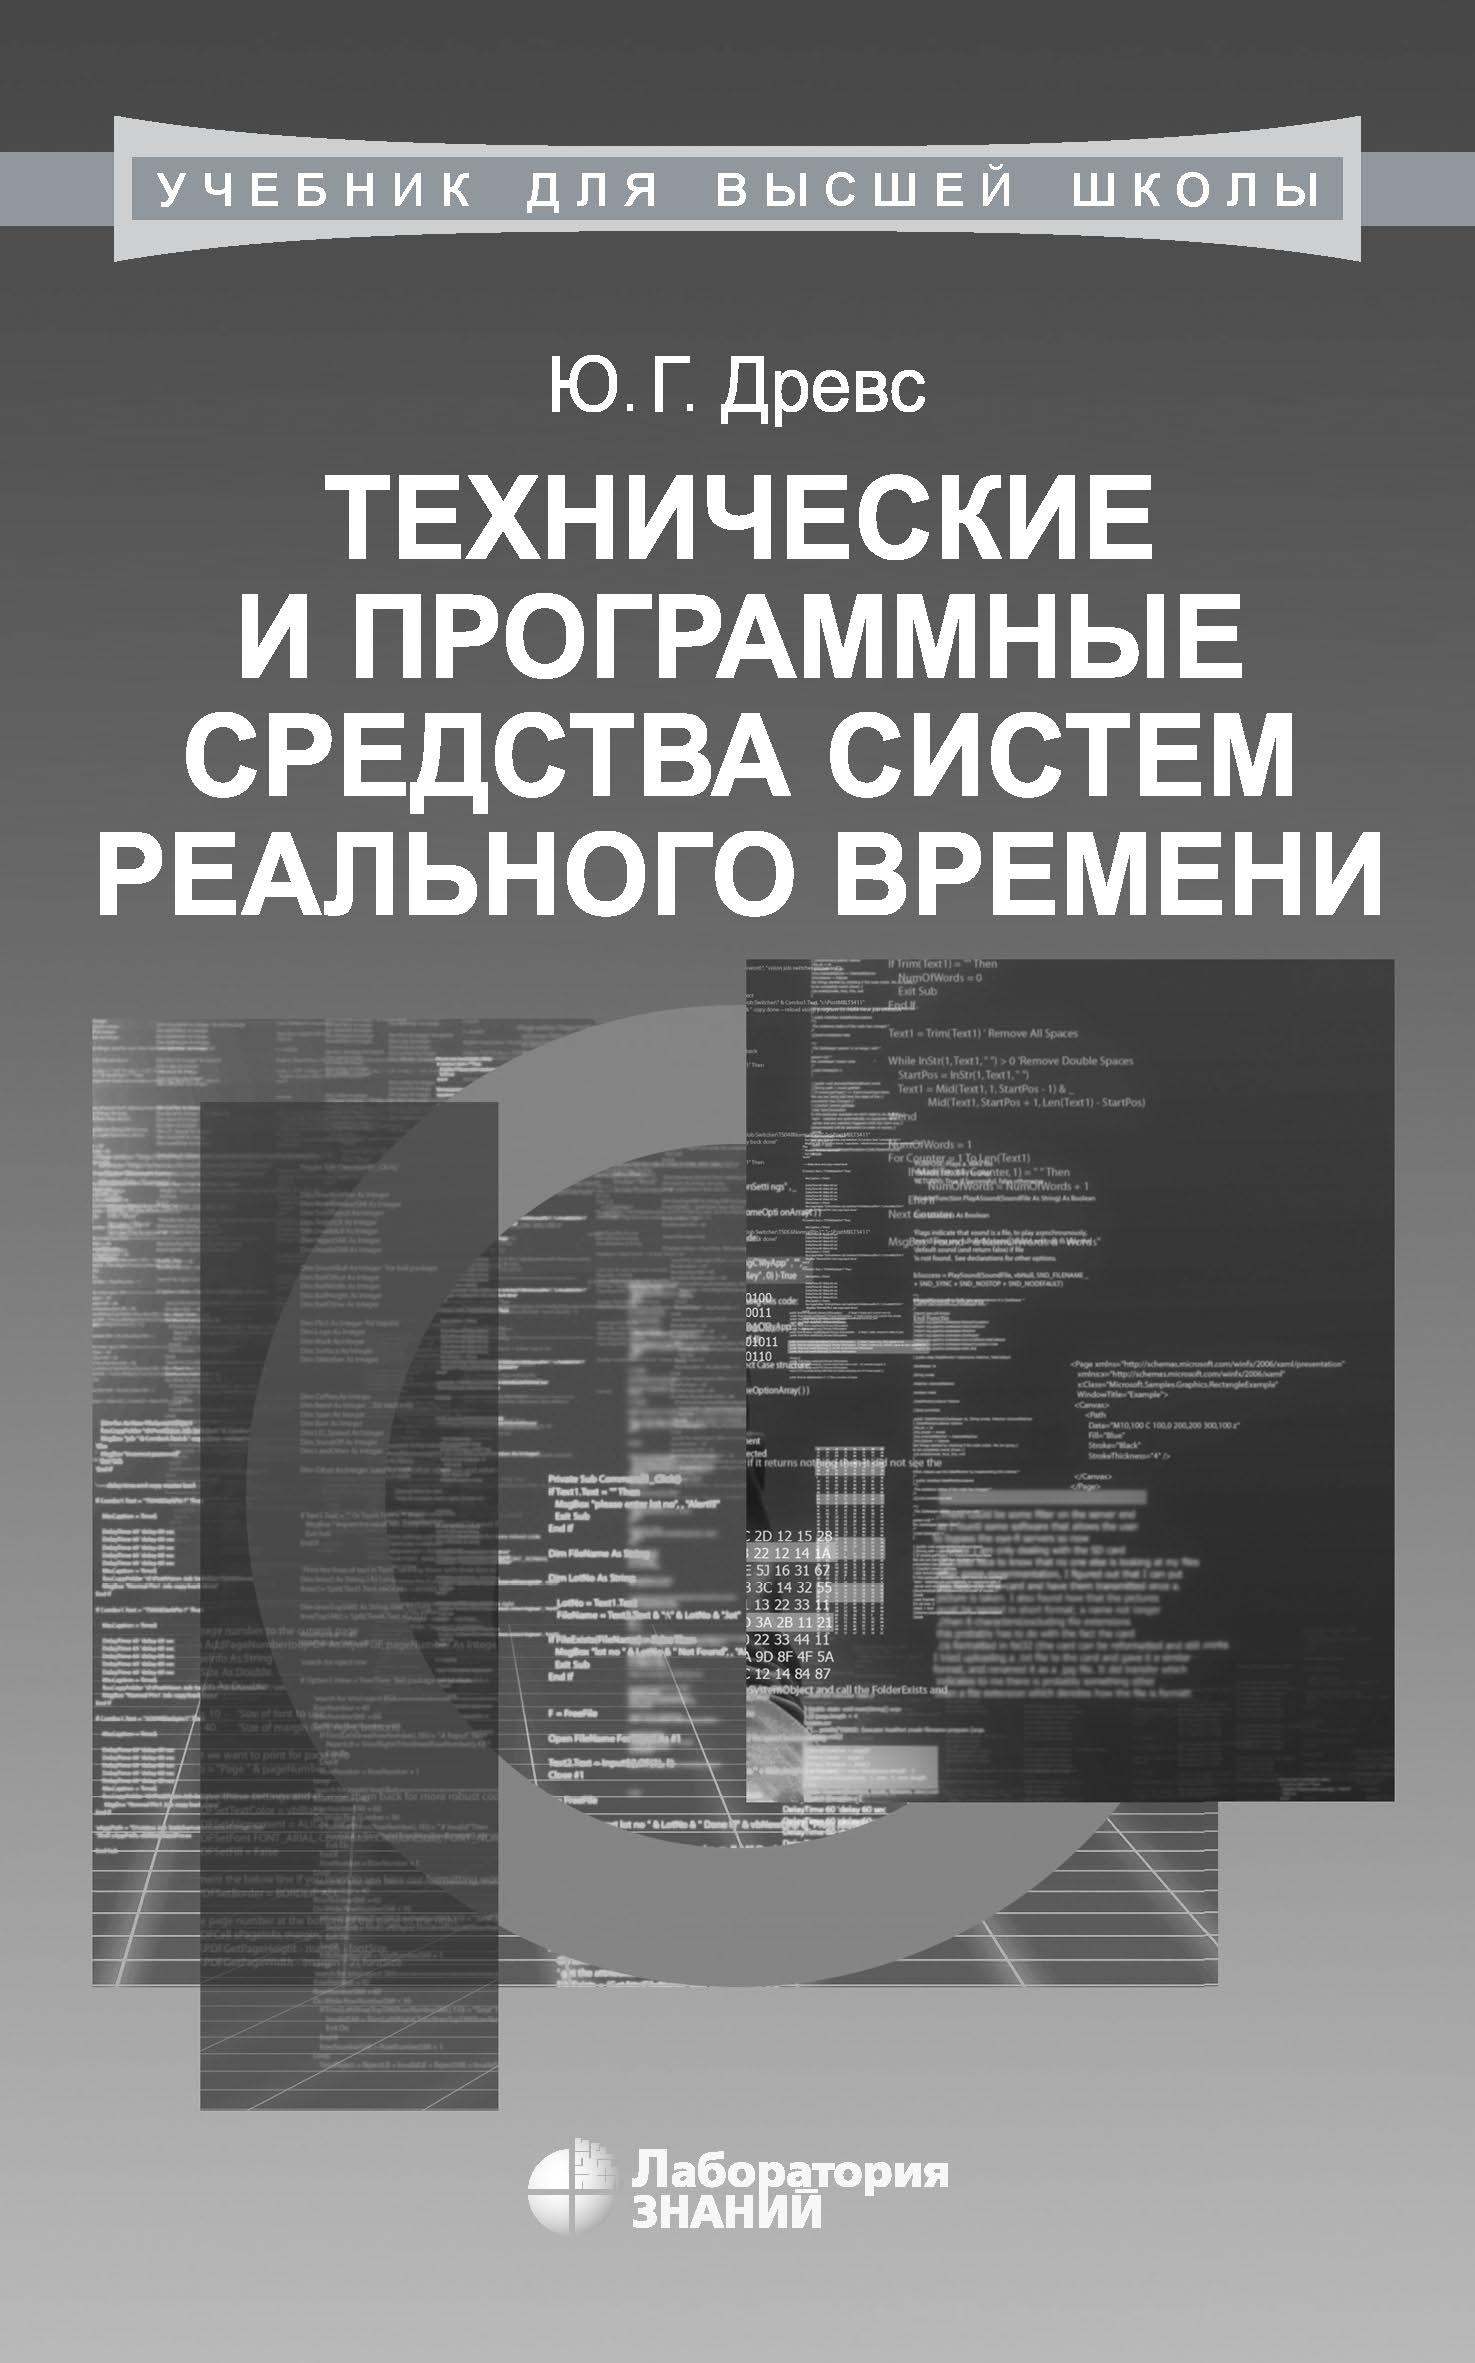 Технические и программные средства систем реального времени